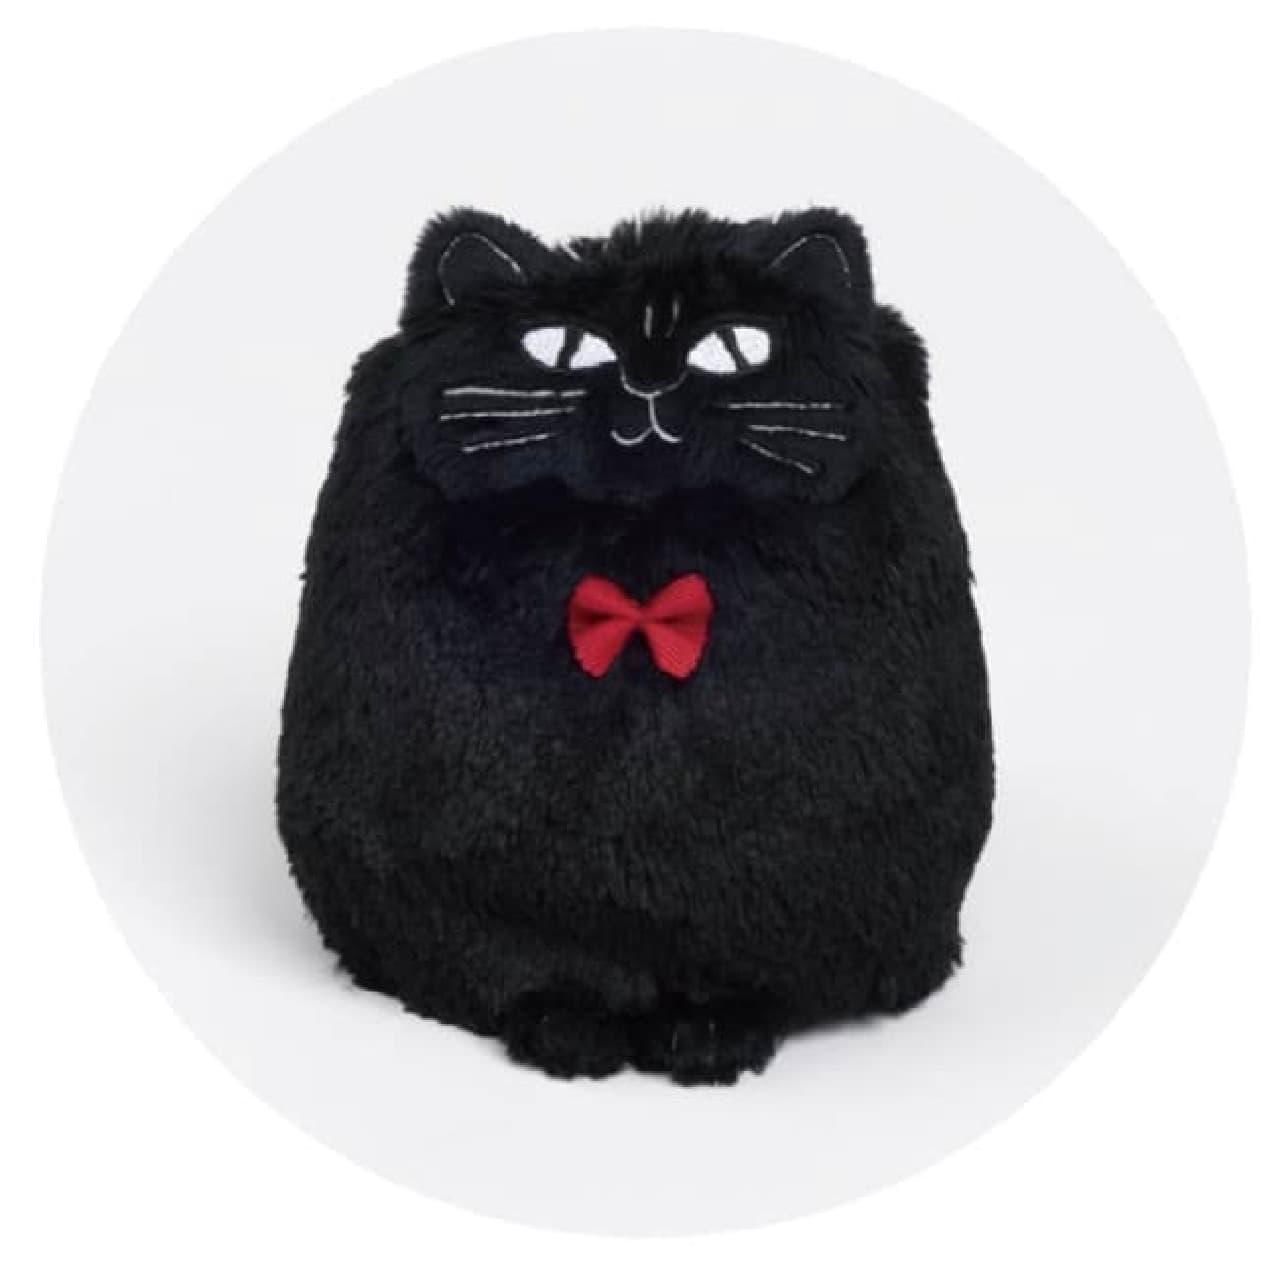 リサ・ラーソンの黒猫「くろごまさん」がアイシングクッキーに -- 赤いリボンがアクセント